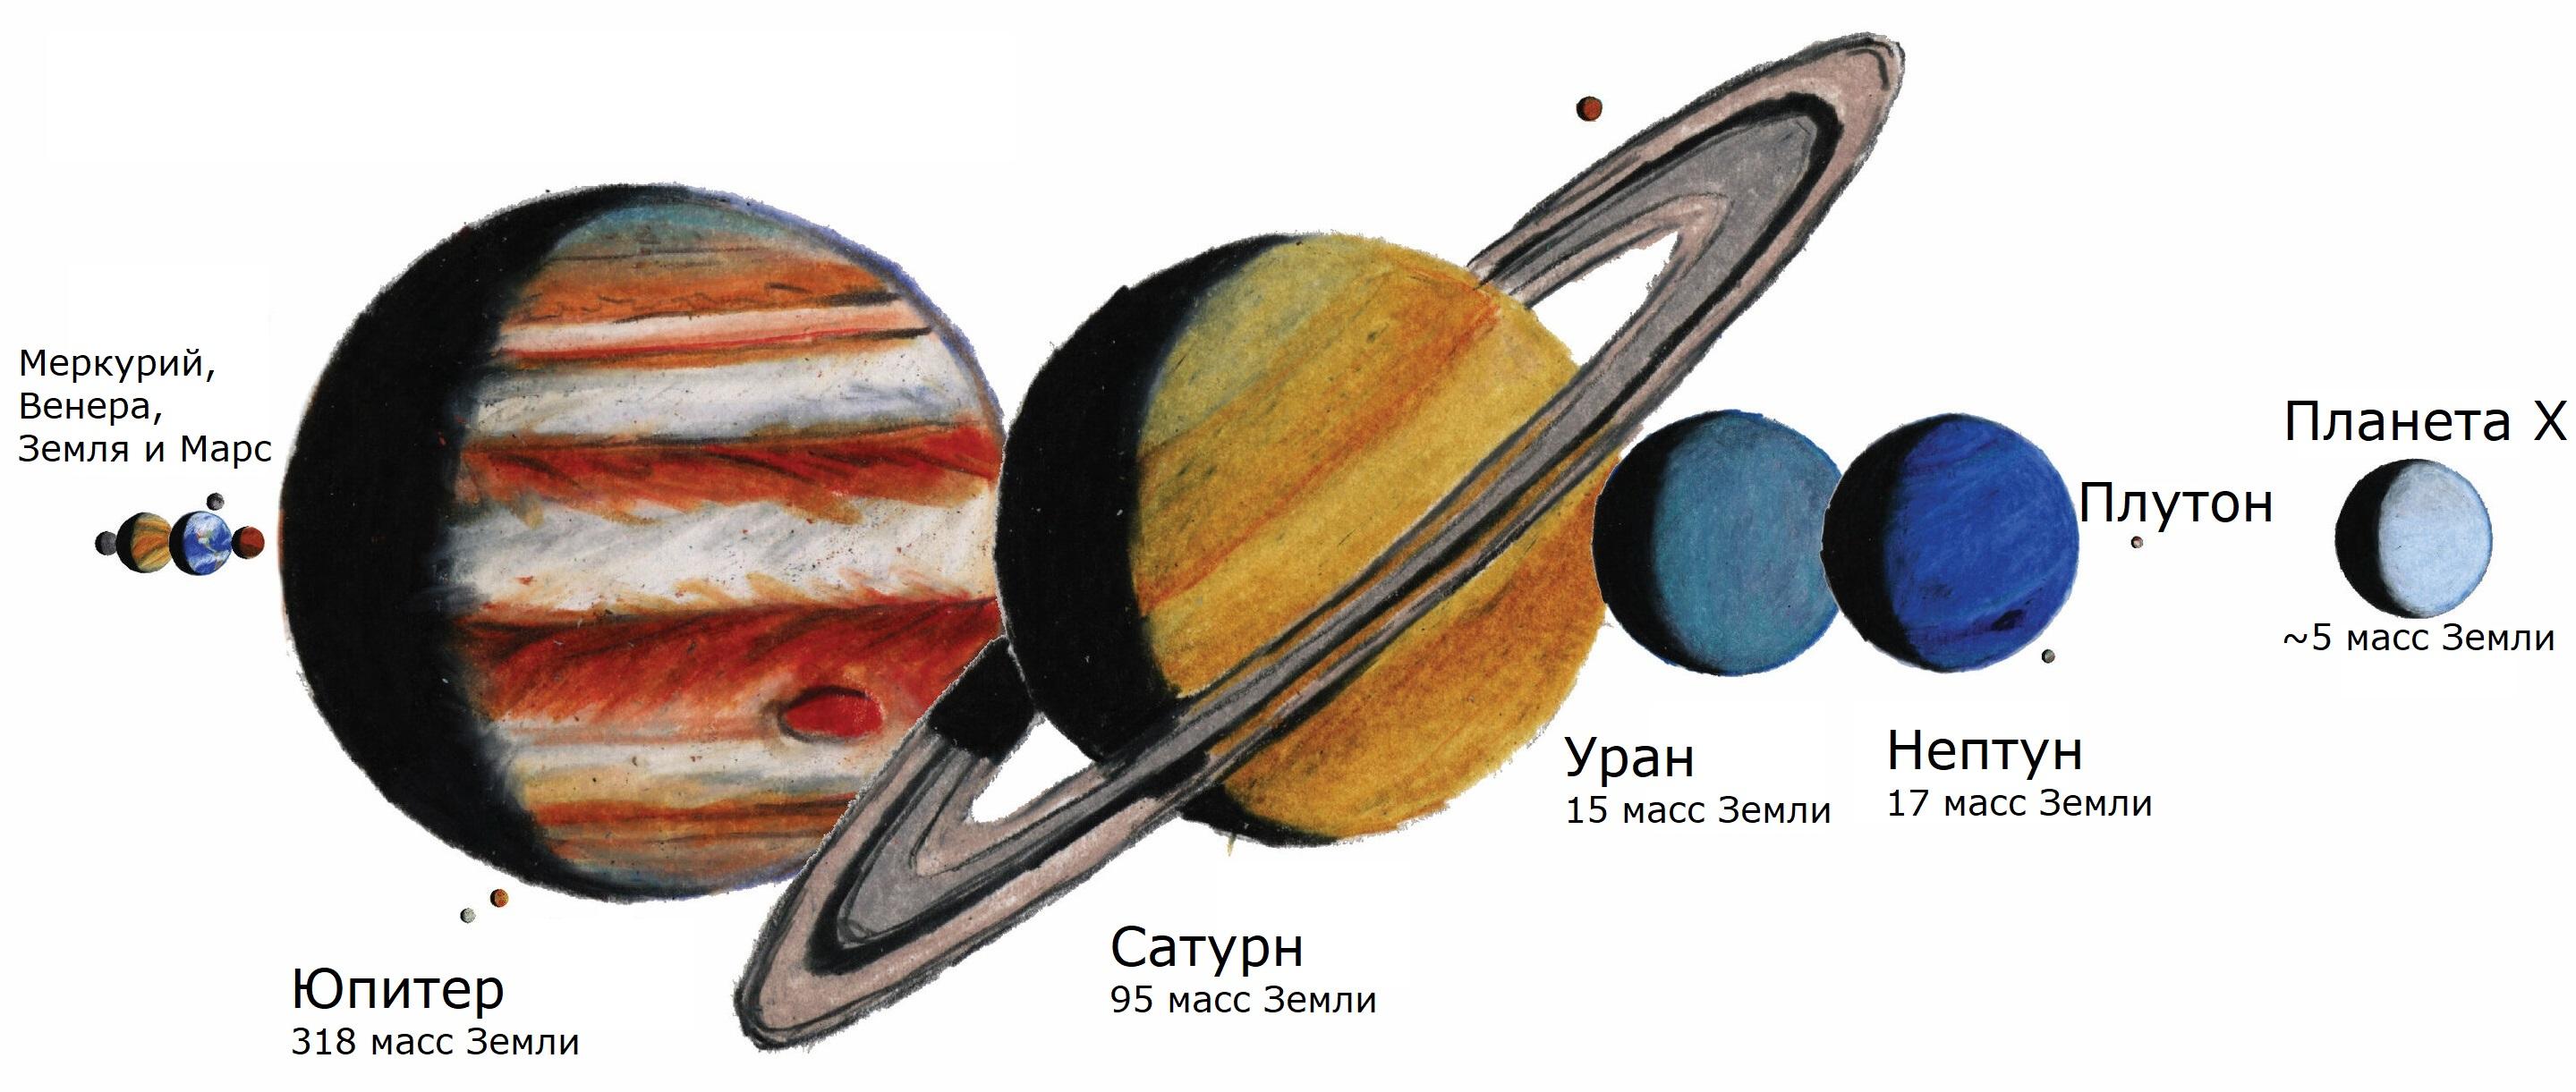 Сравнительные размеры планет Солнечной системы, включая гипотетическую Планету X.